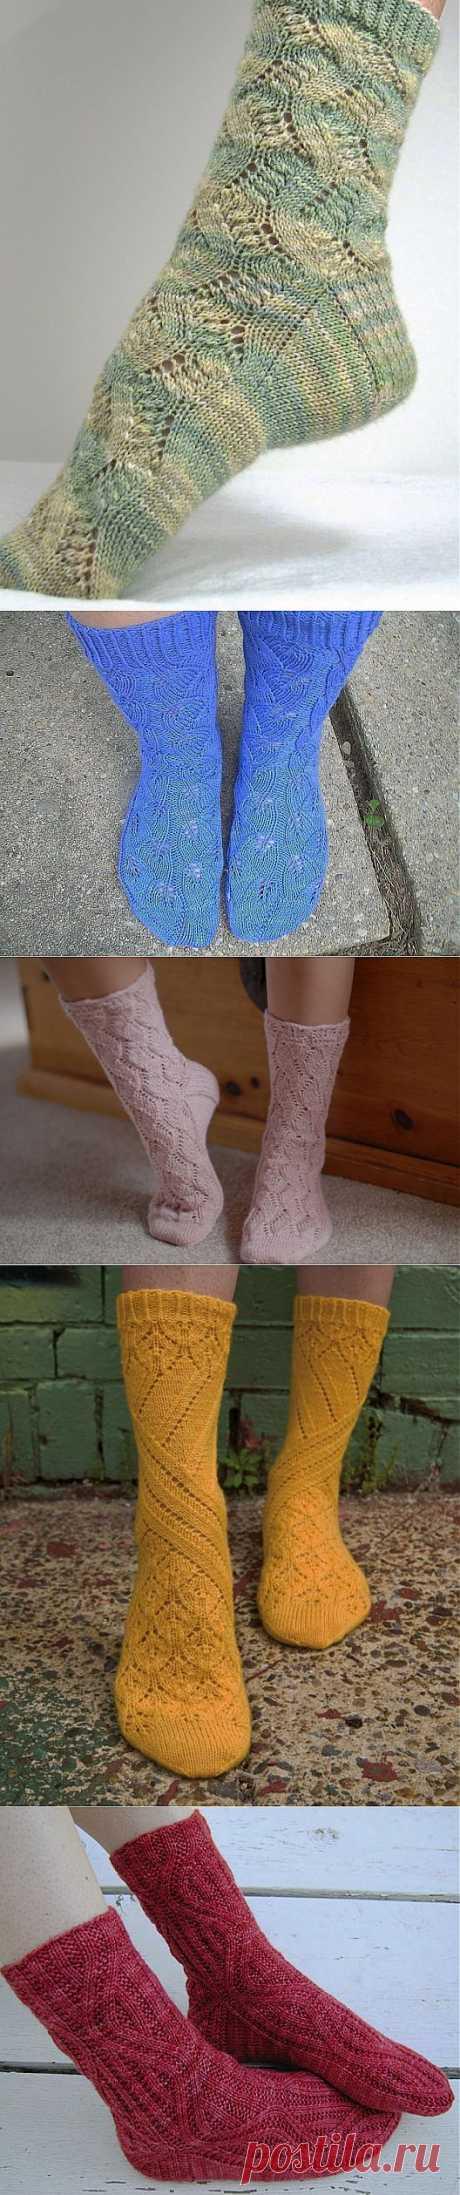 носки.